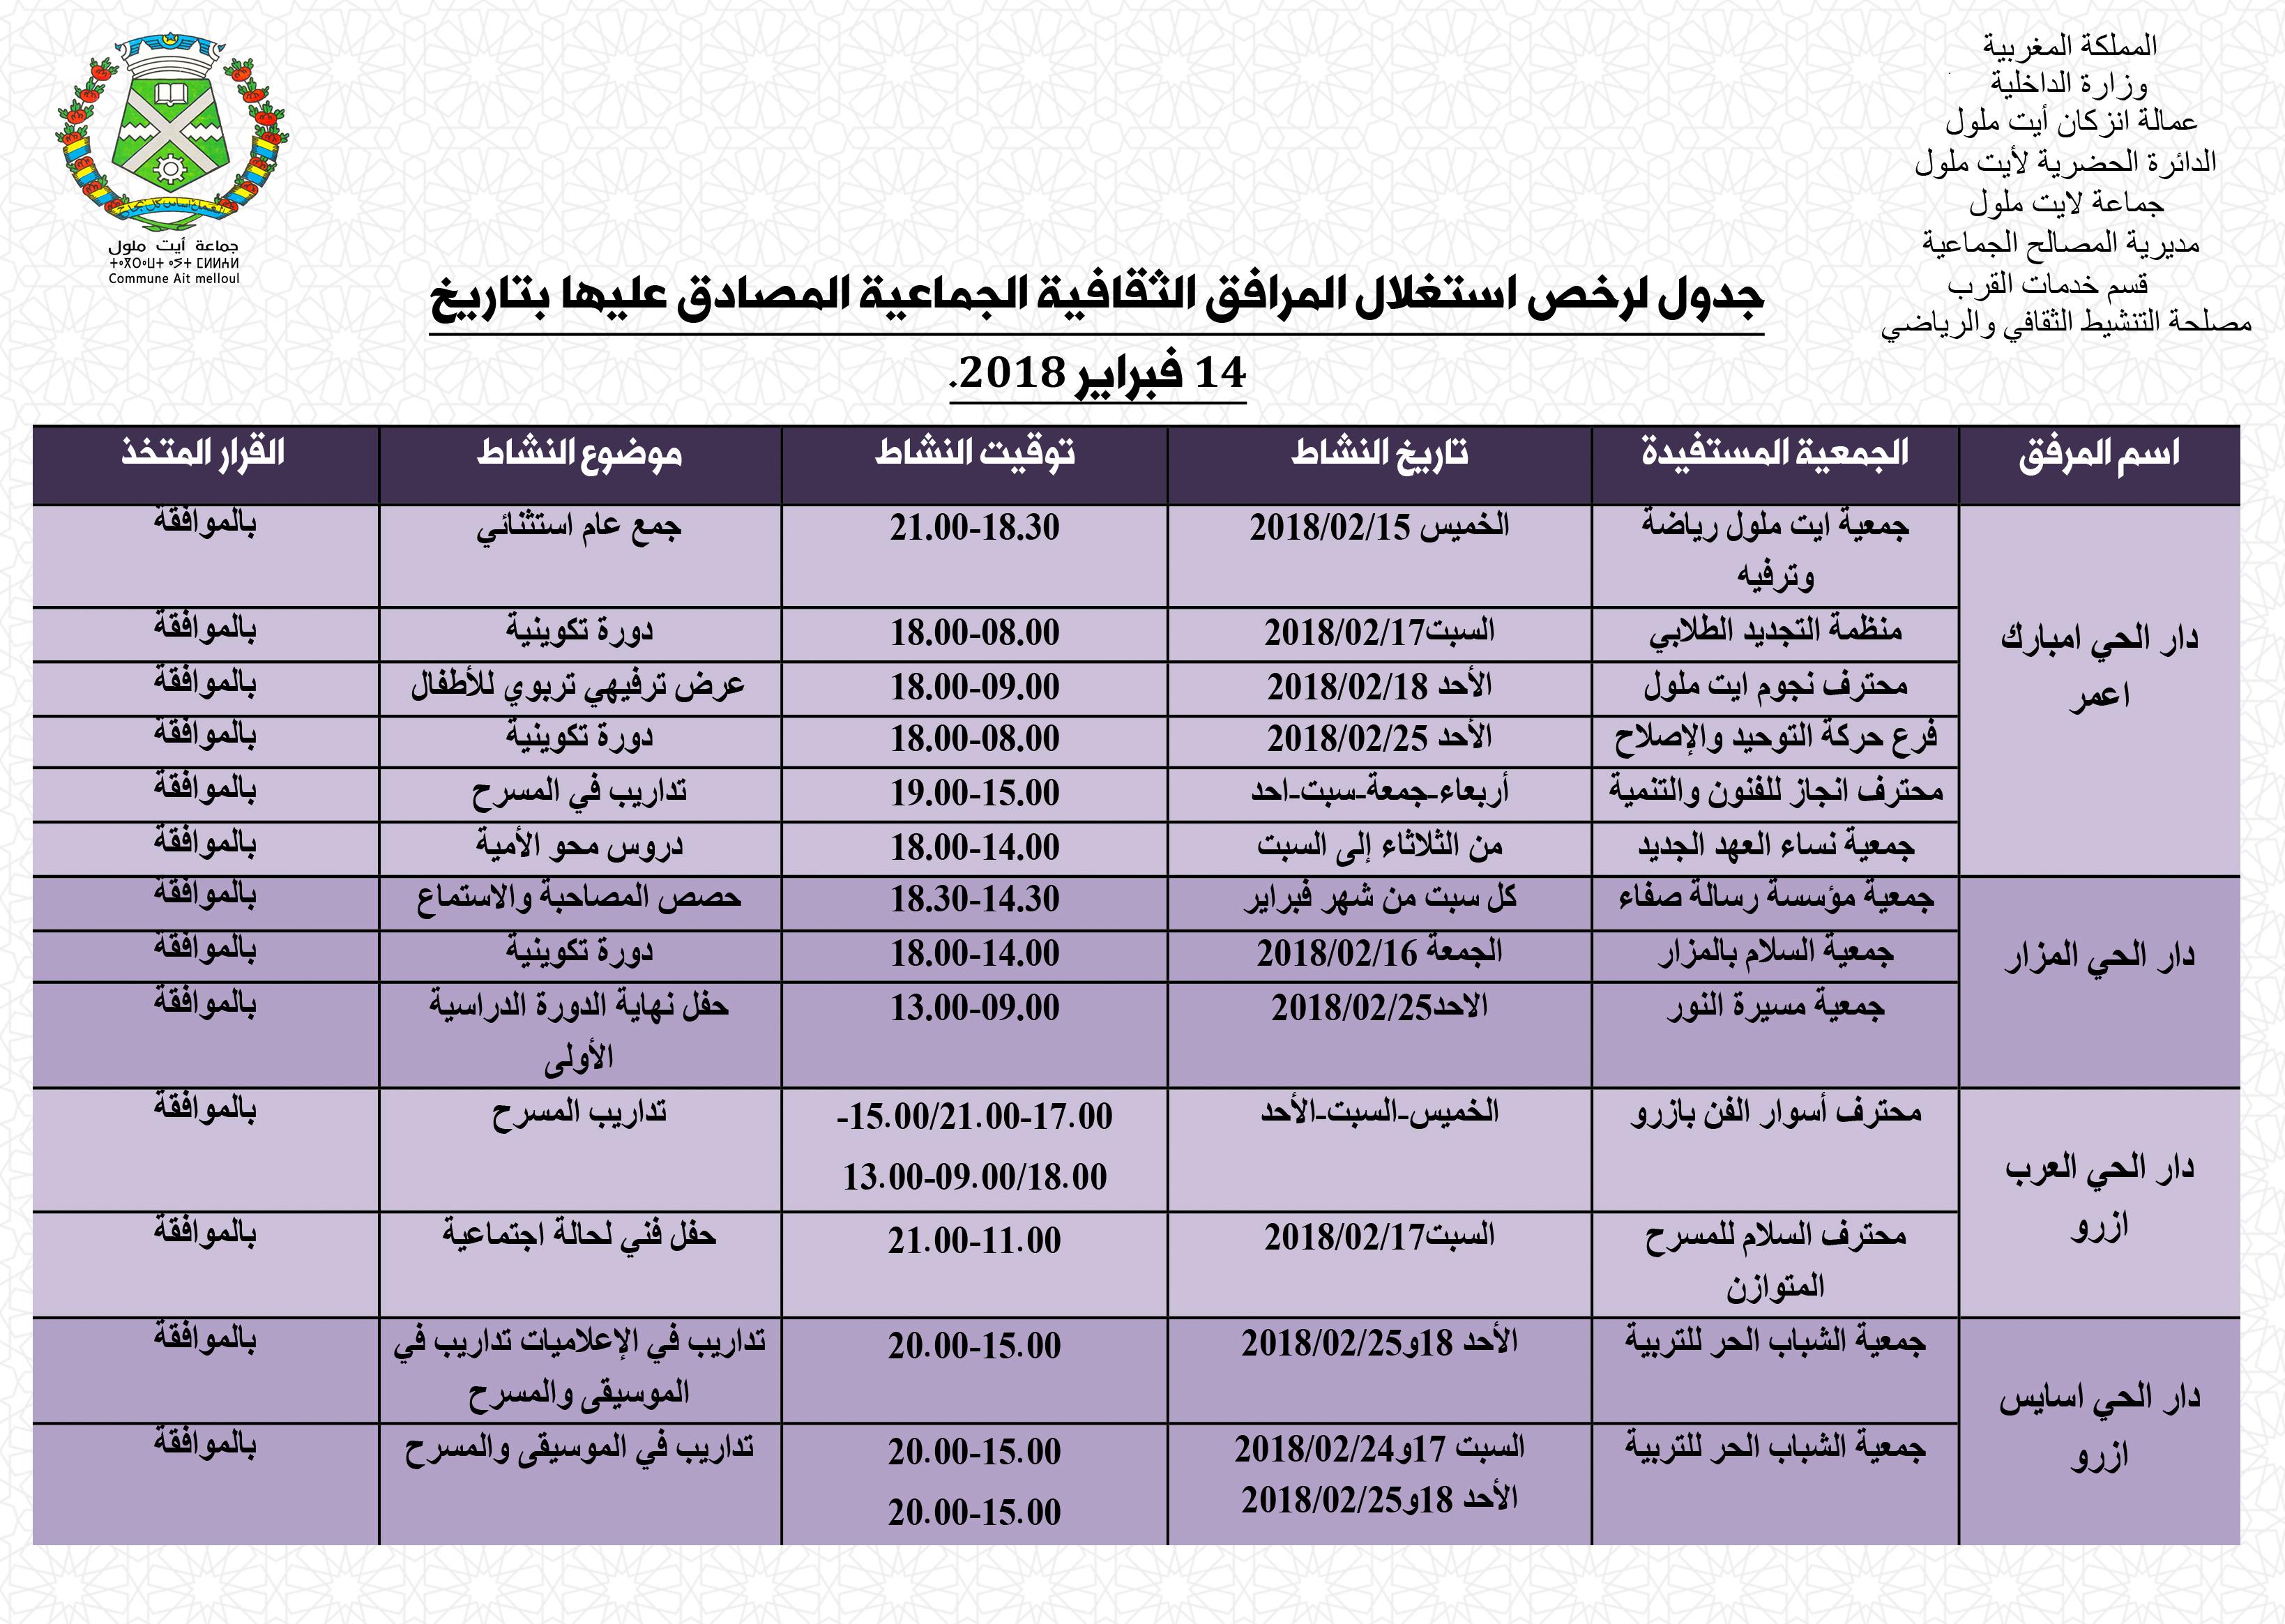 جدول الرخص شهر فبراير2018